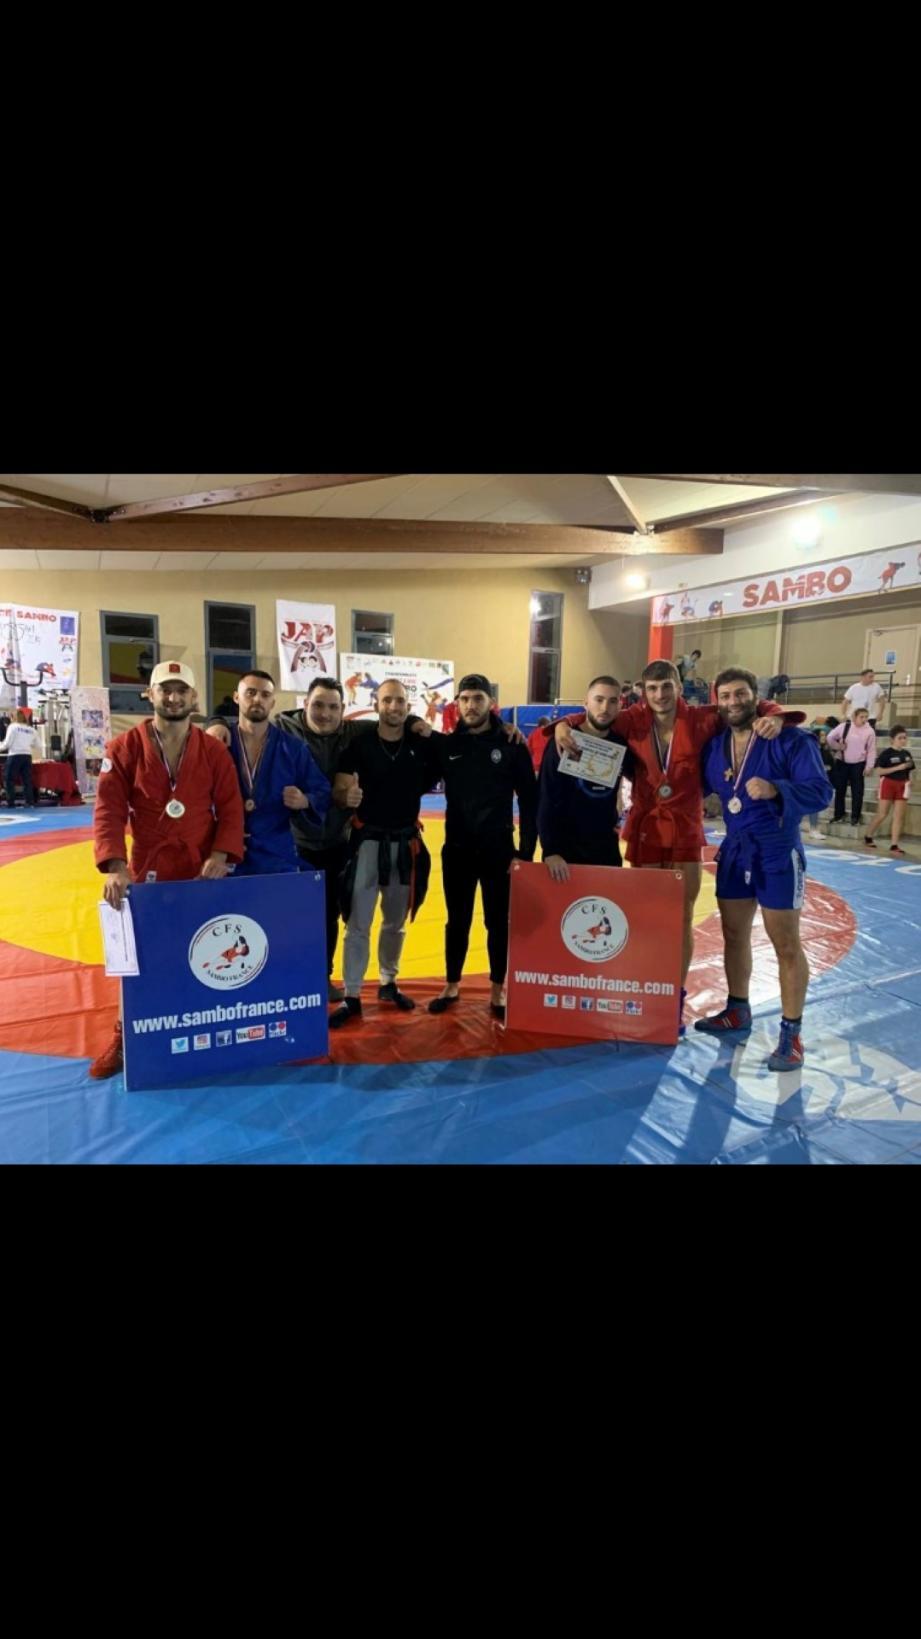 Les combattants grassois de sambo de l'ASP qualifiés pour les prochains championnats de France.(DR)